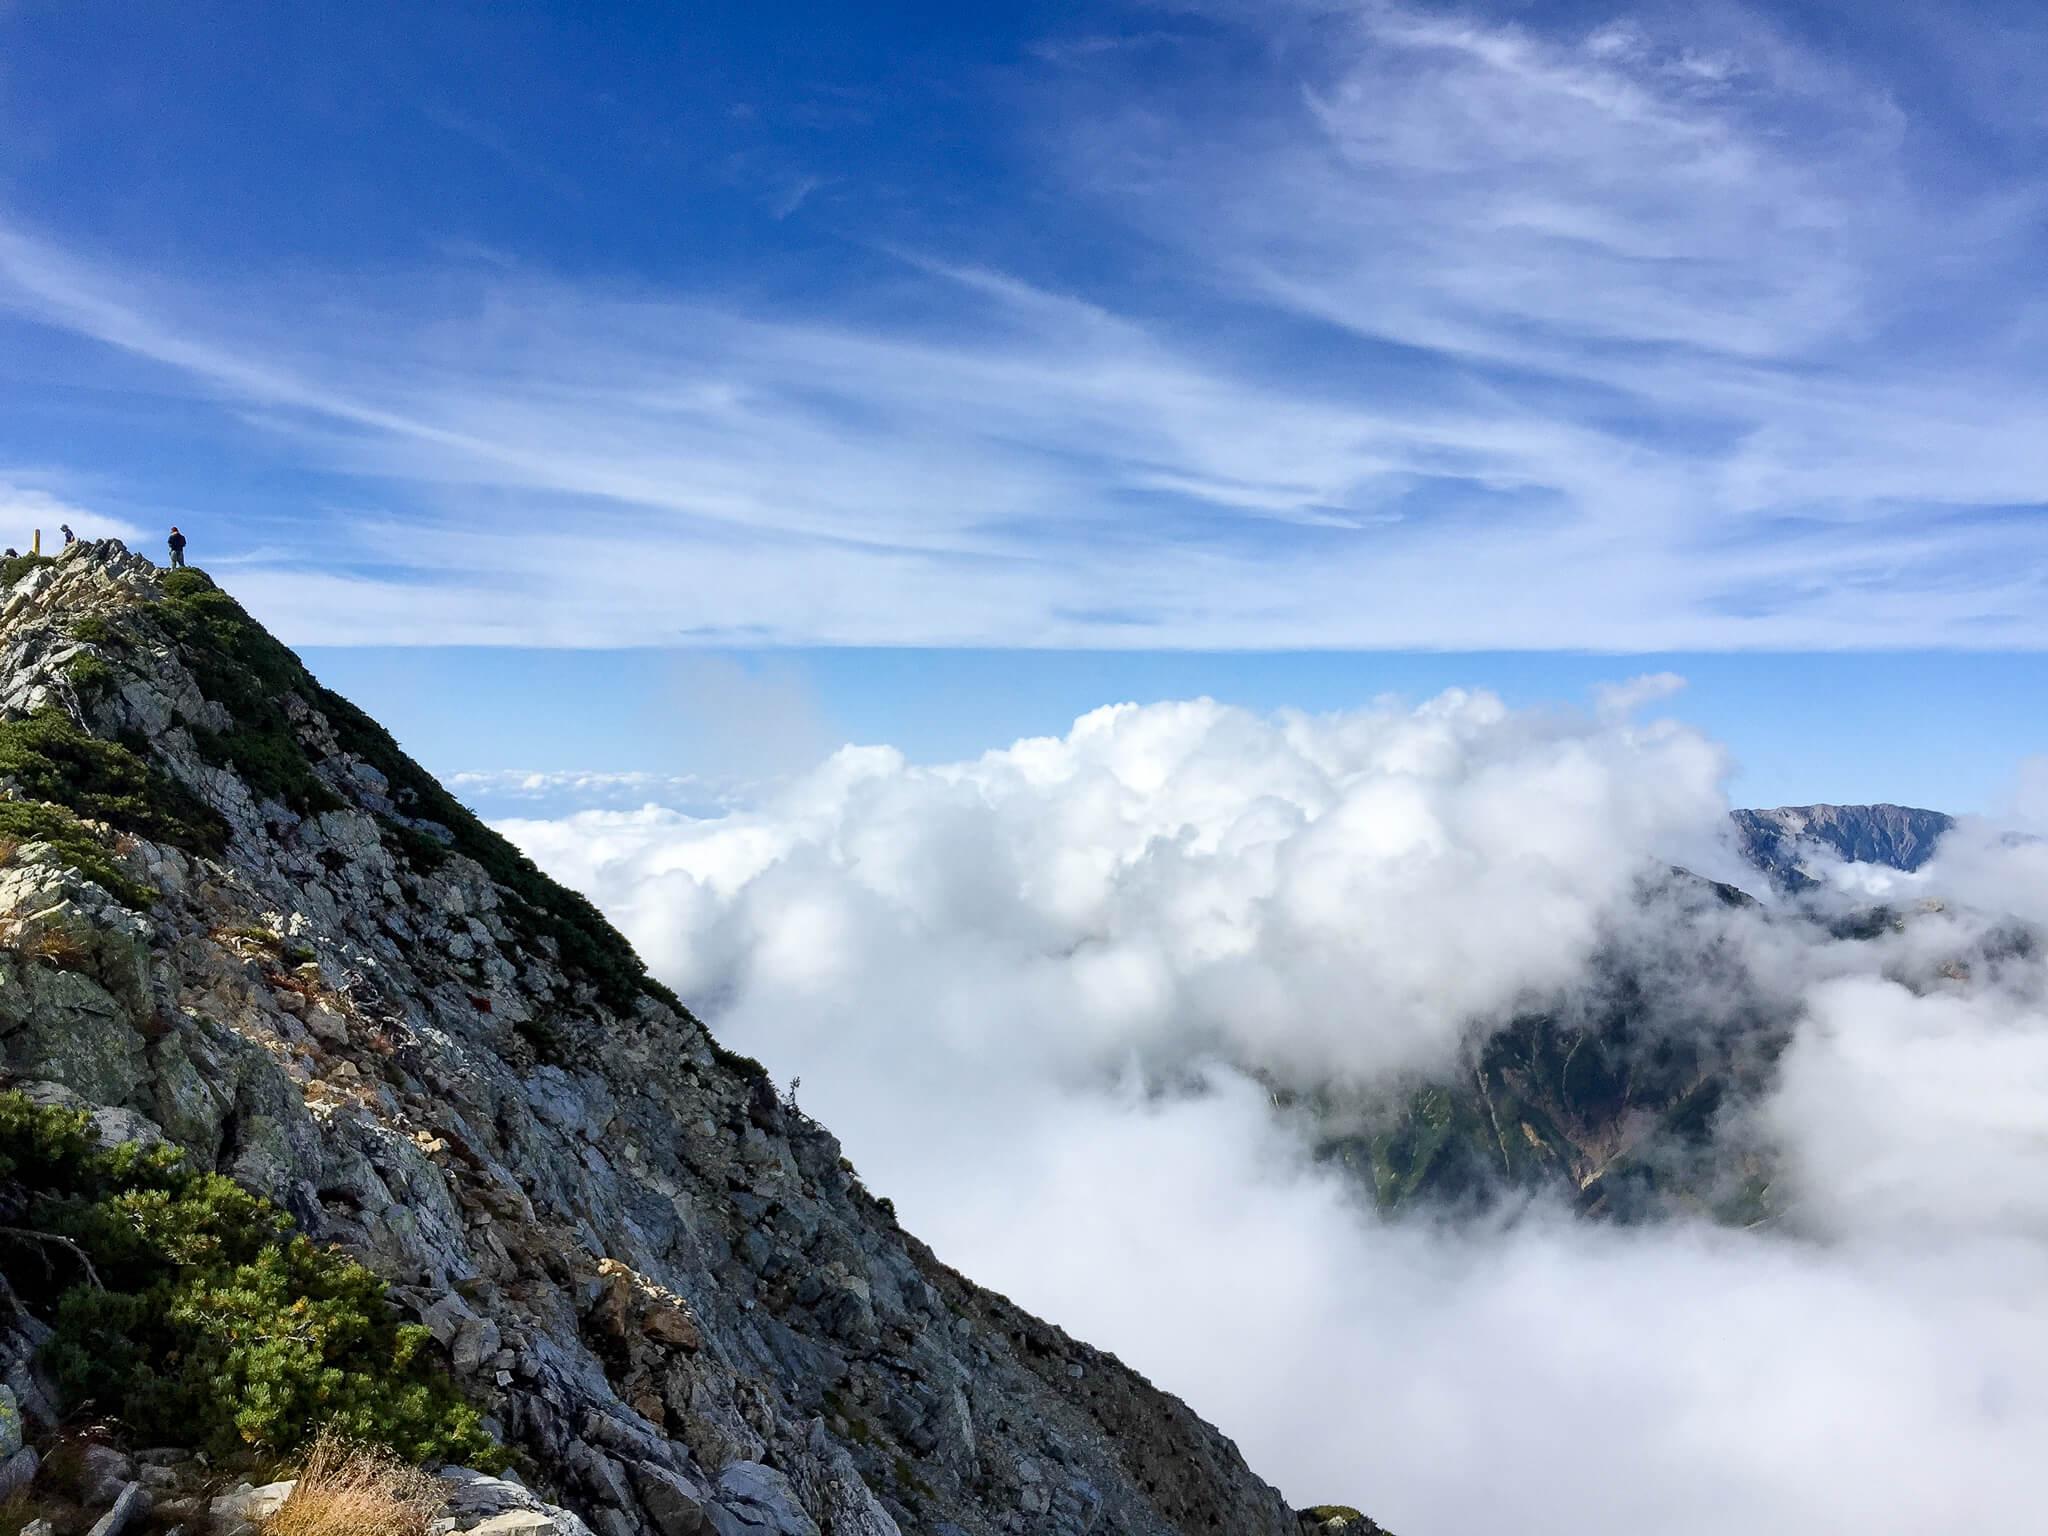 五竜岳にいざ行かん10・山頂まであと少し!2